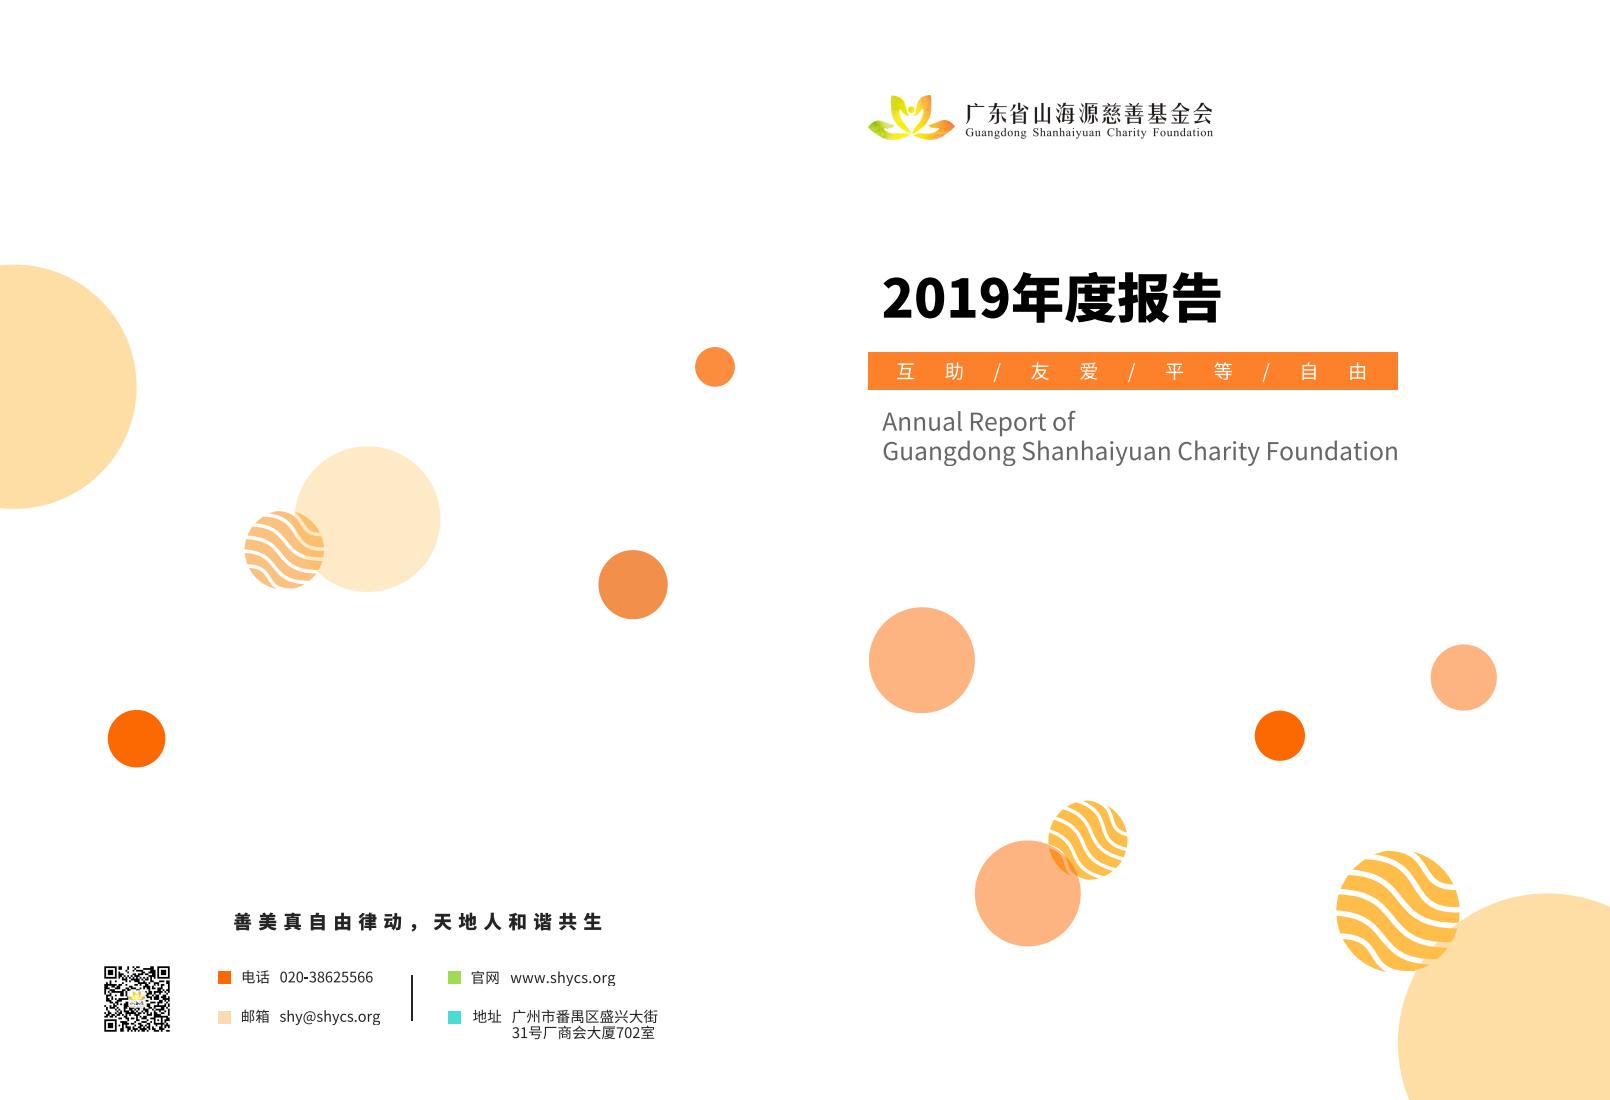 山海源慈善基金会2019年年报